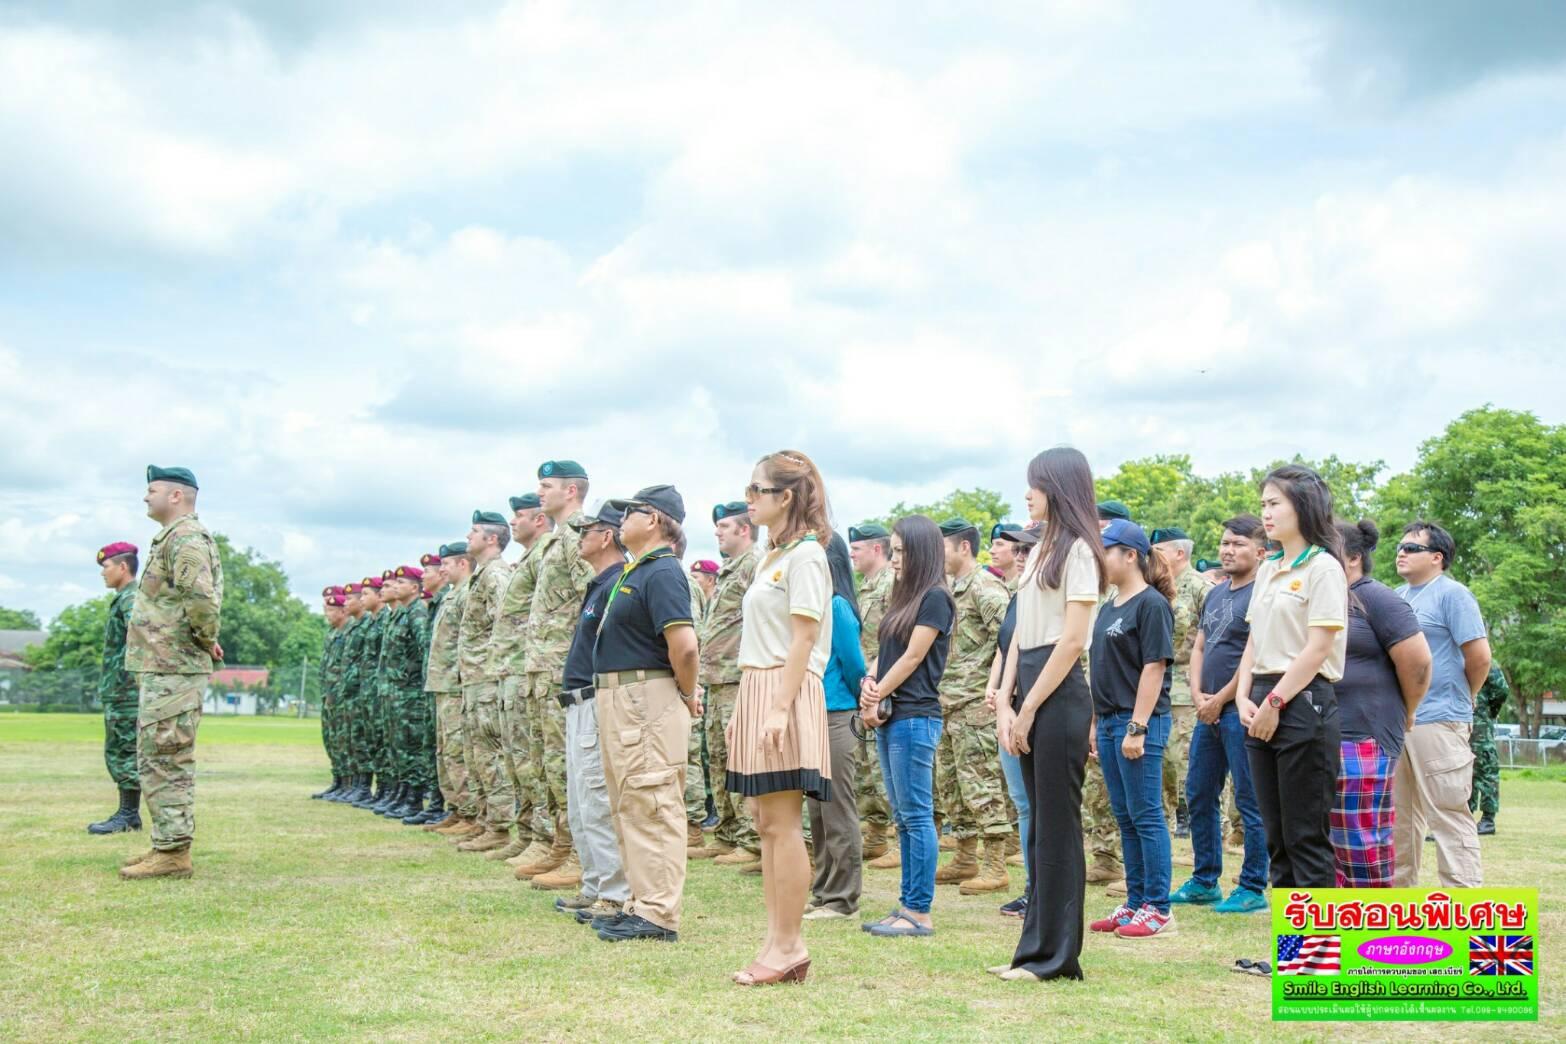 กิจกรรมการฝึกร่วม BALANCE TORCH 2017 ลพบุรี